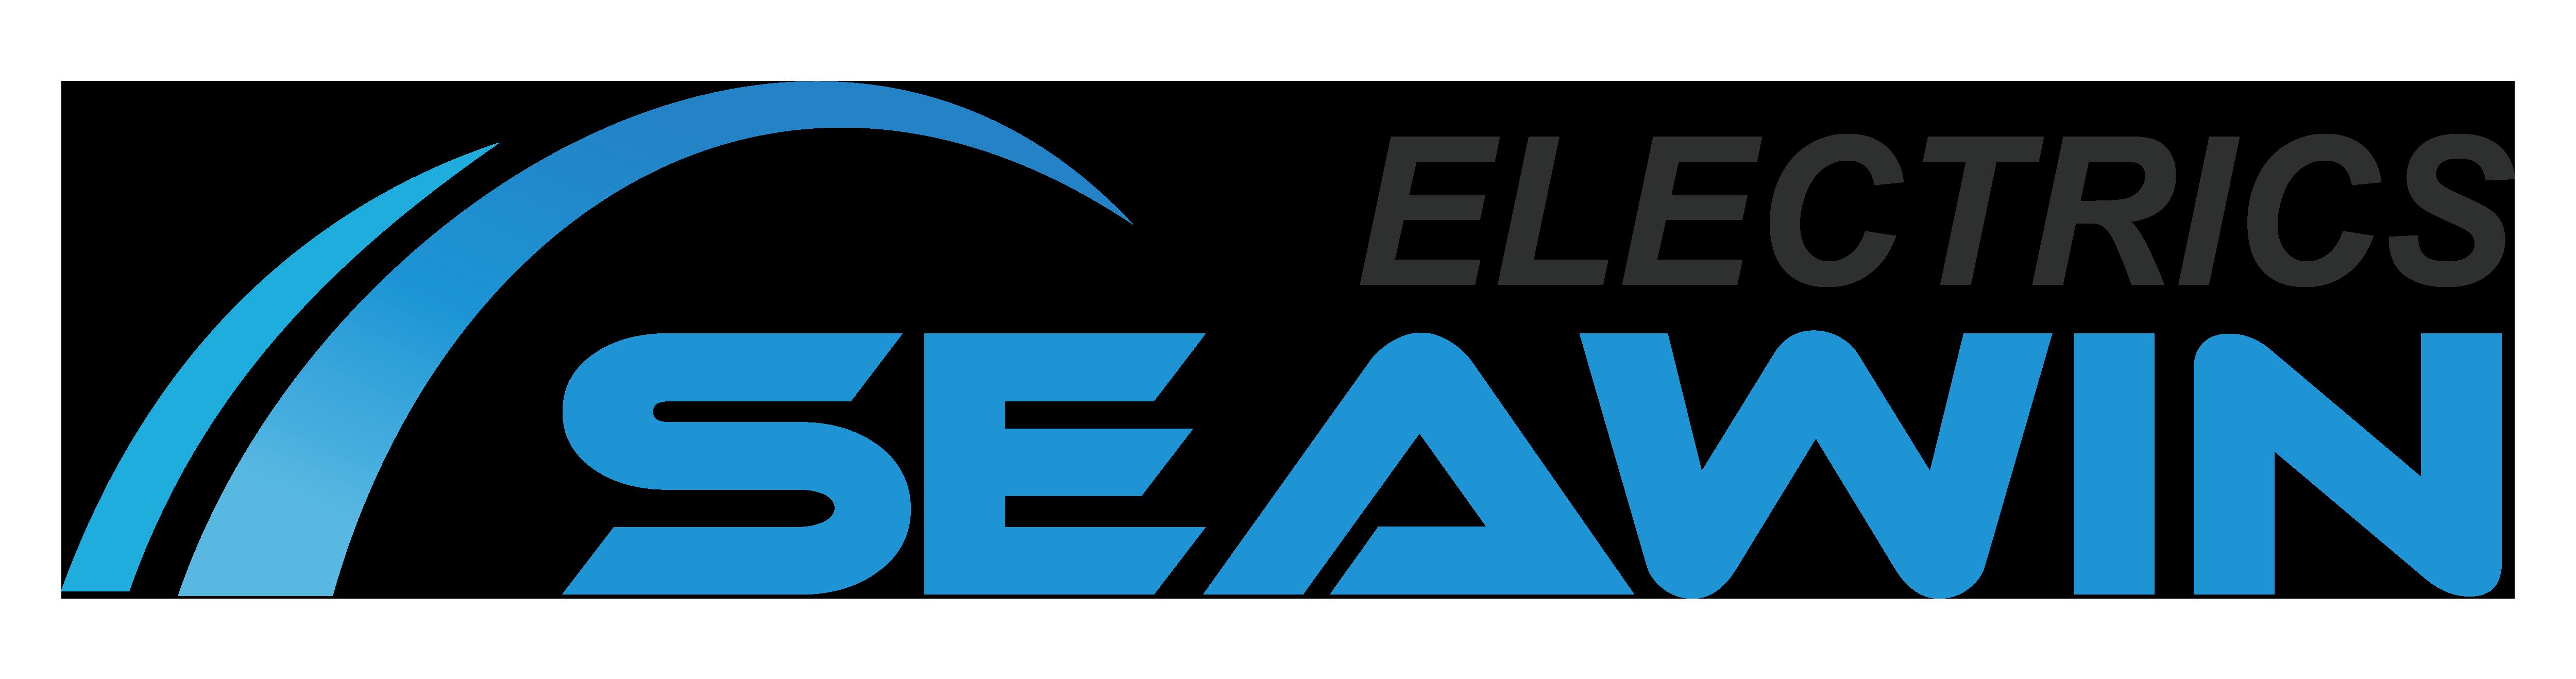 Guangzhou SeaWin Electrical Technologies Co., Ltd.